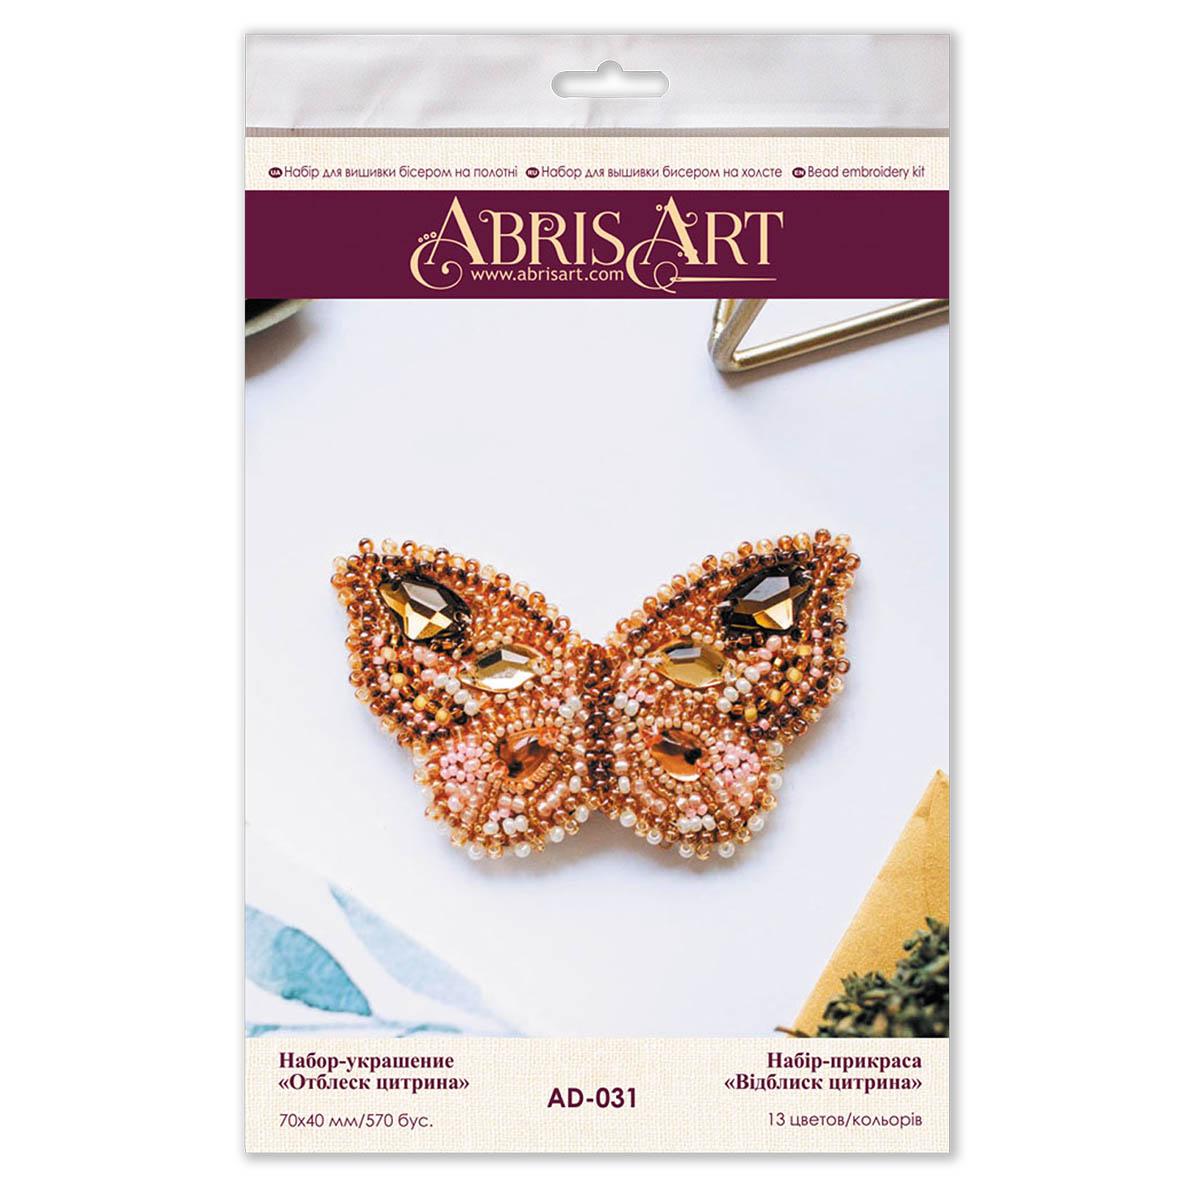 АД-031 Набор для вышивки бисером украшения на натур. художественном холсте 'Отблеск цитрина'7,0*4,0см